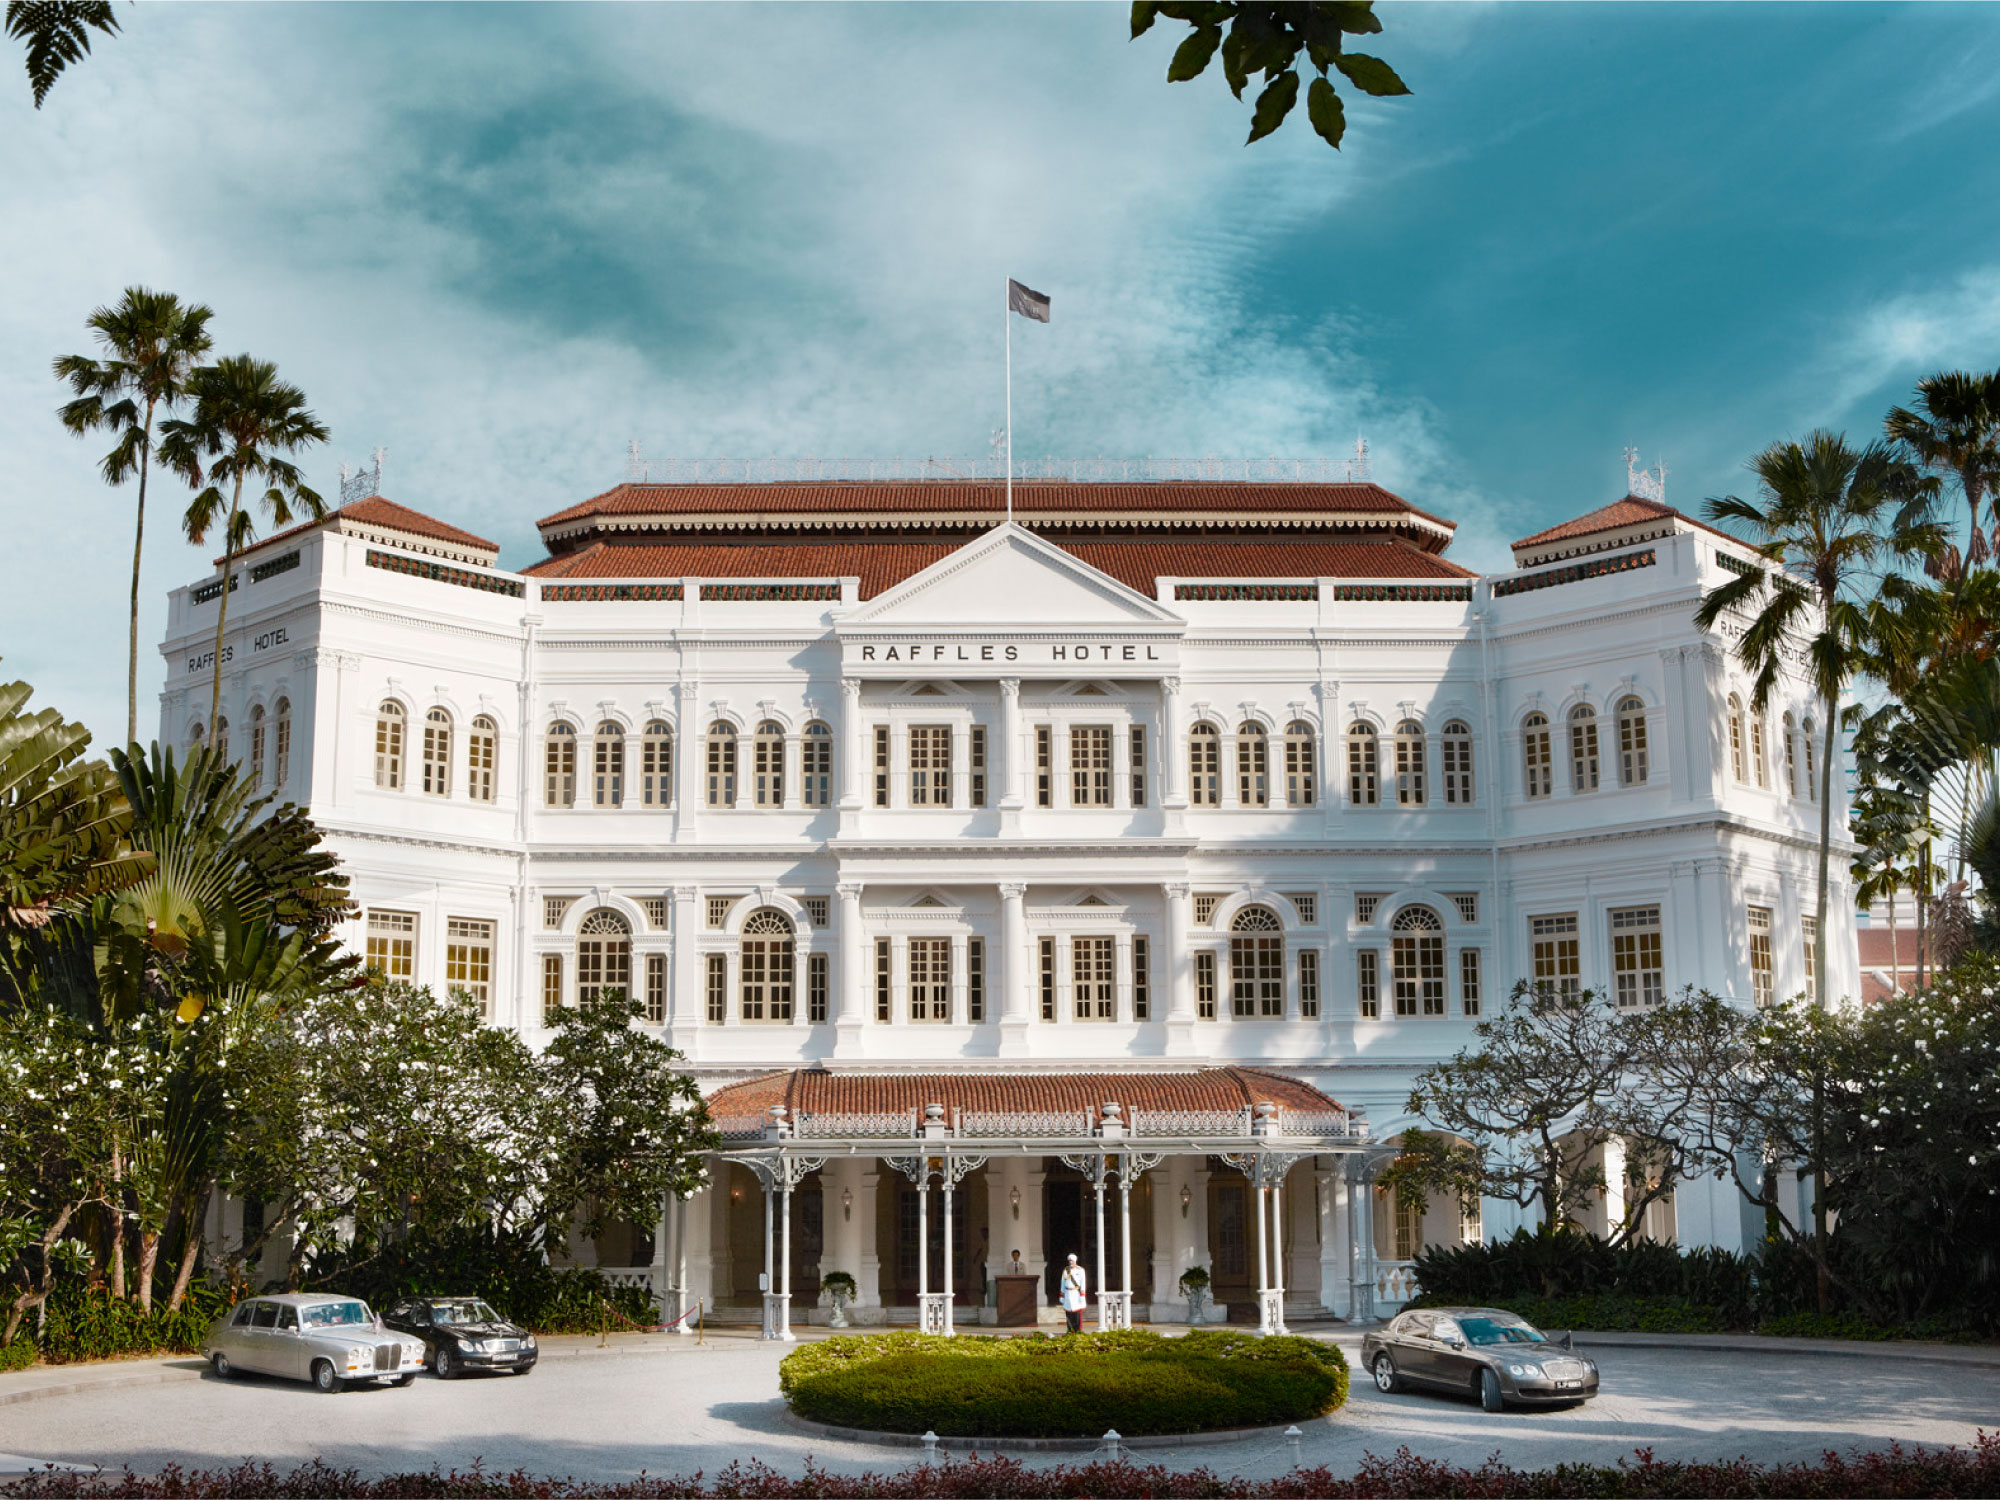 JW Marriott Hotel South Beach